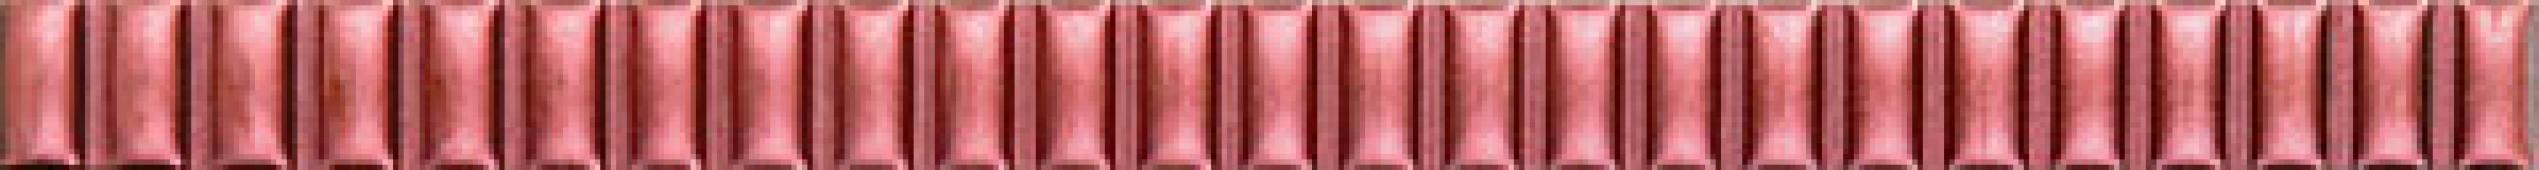 POE003 Карандаш Бисер красный бордюр